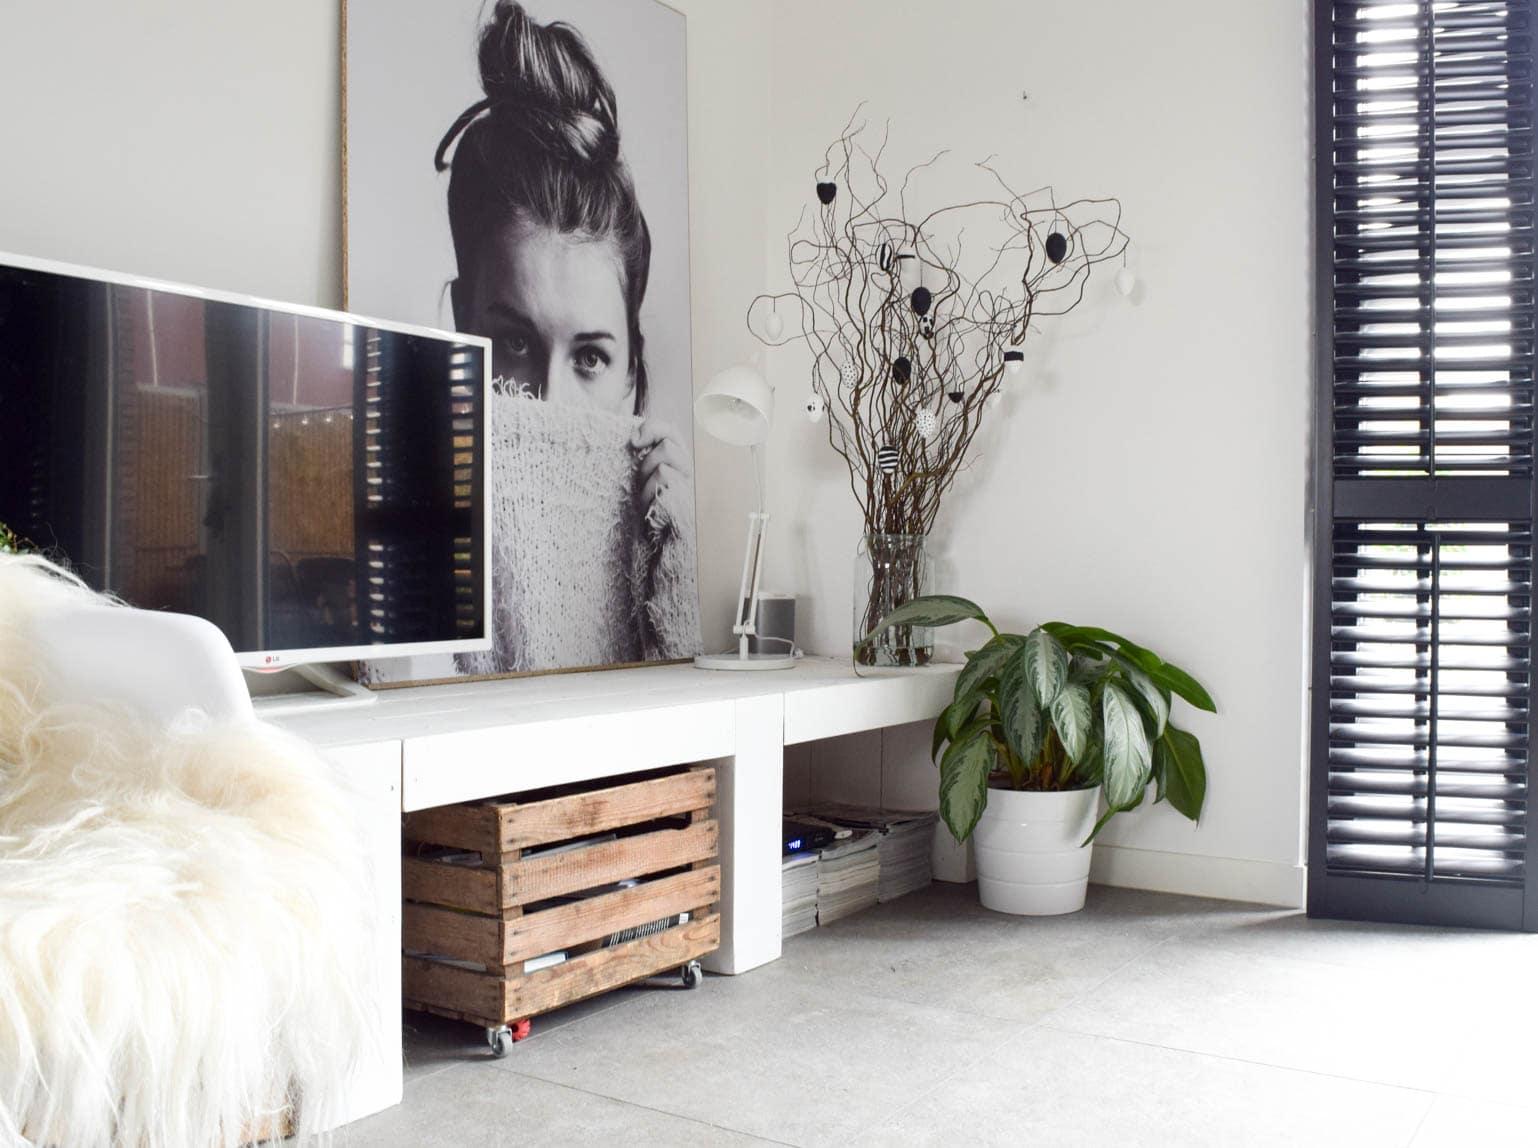 paaseieren schilderen in stijl - interiorwin